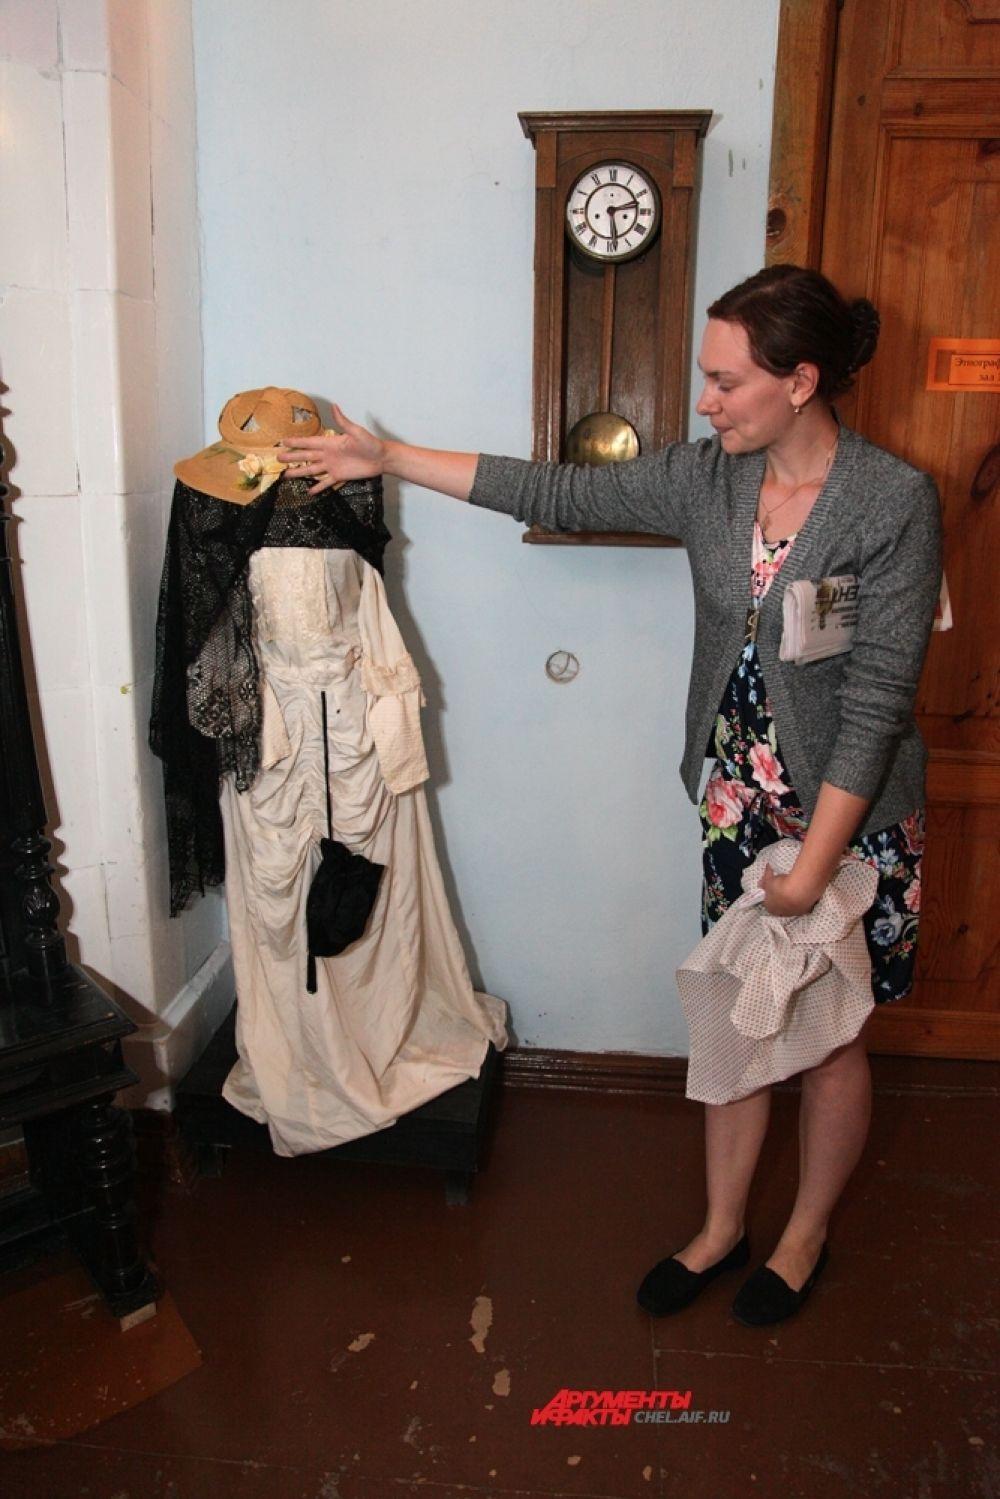 Свадебное платье ( в этом платье венчалась в Уфе 24 апреля 1906 г. Вера Артьмьевна Чекмарева и купцом Больщиковым)